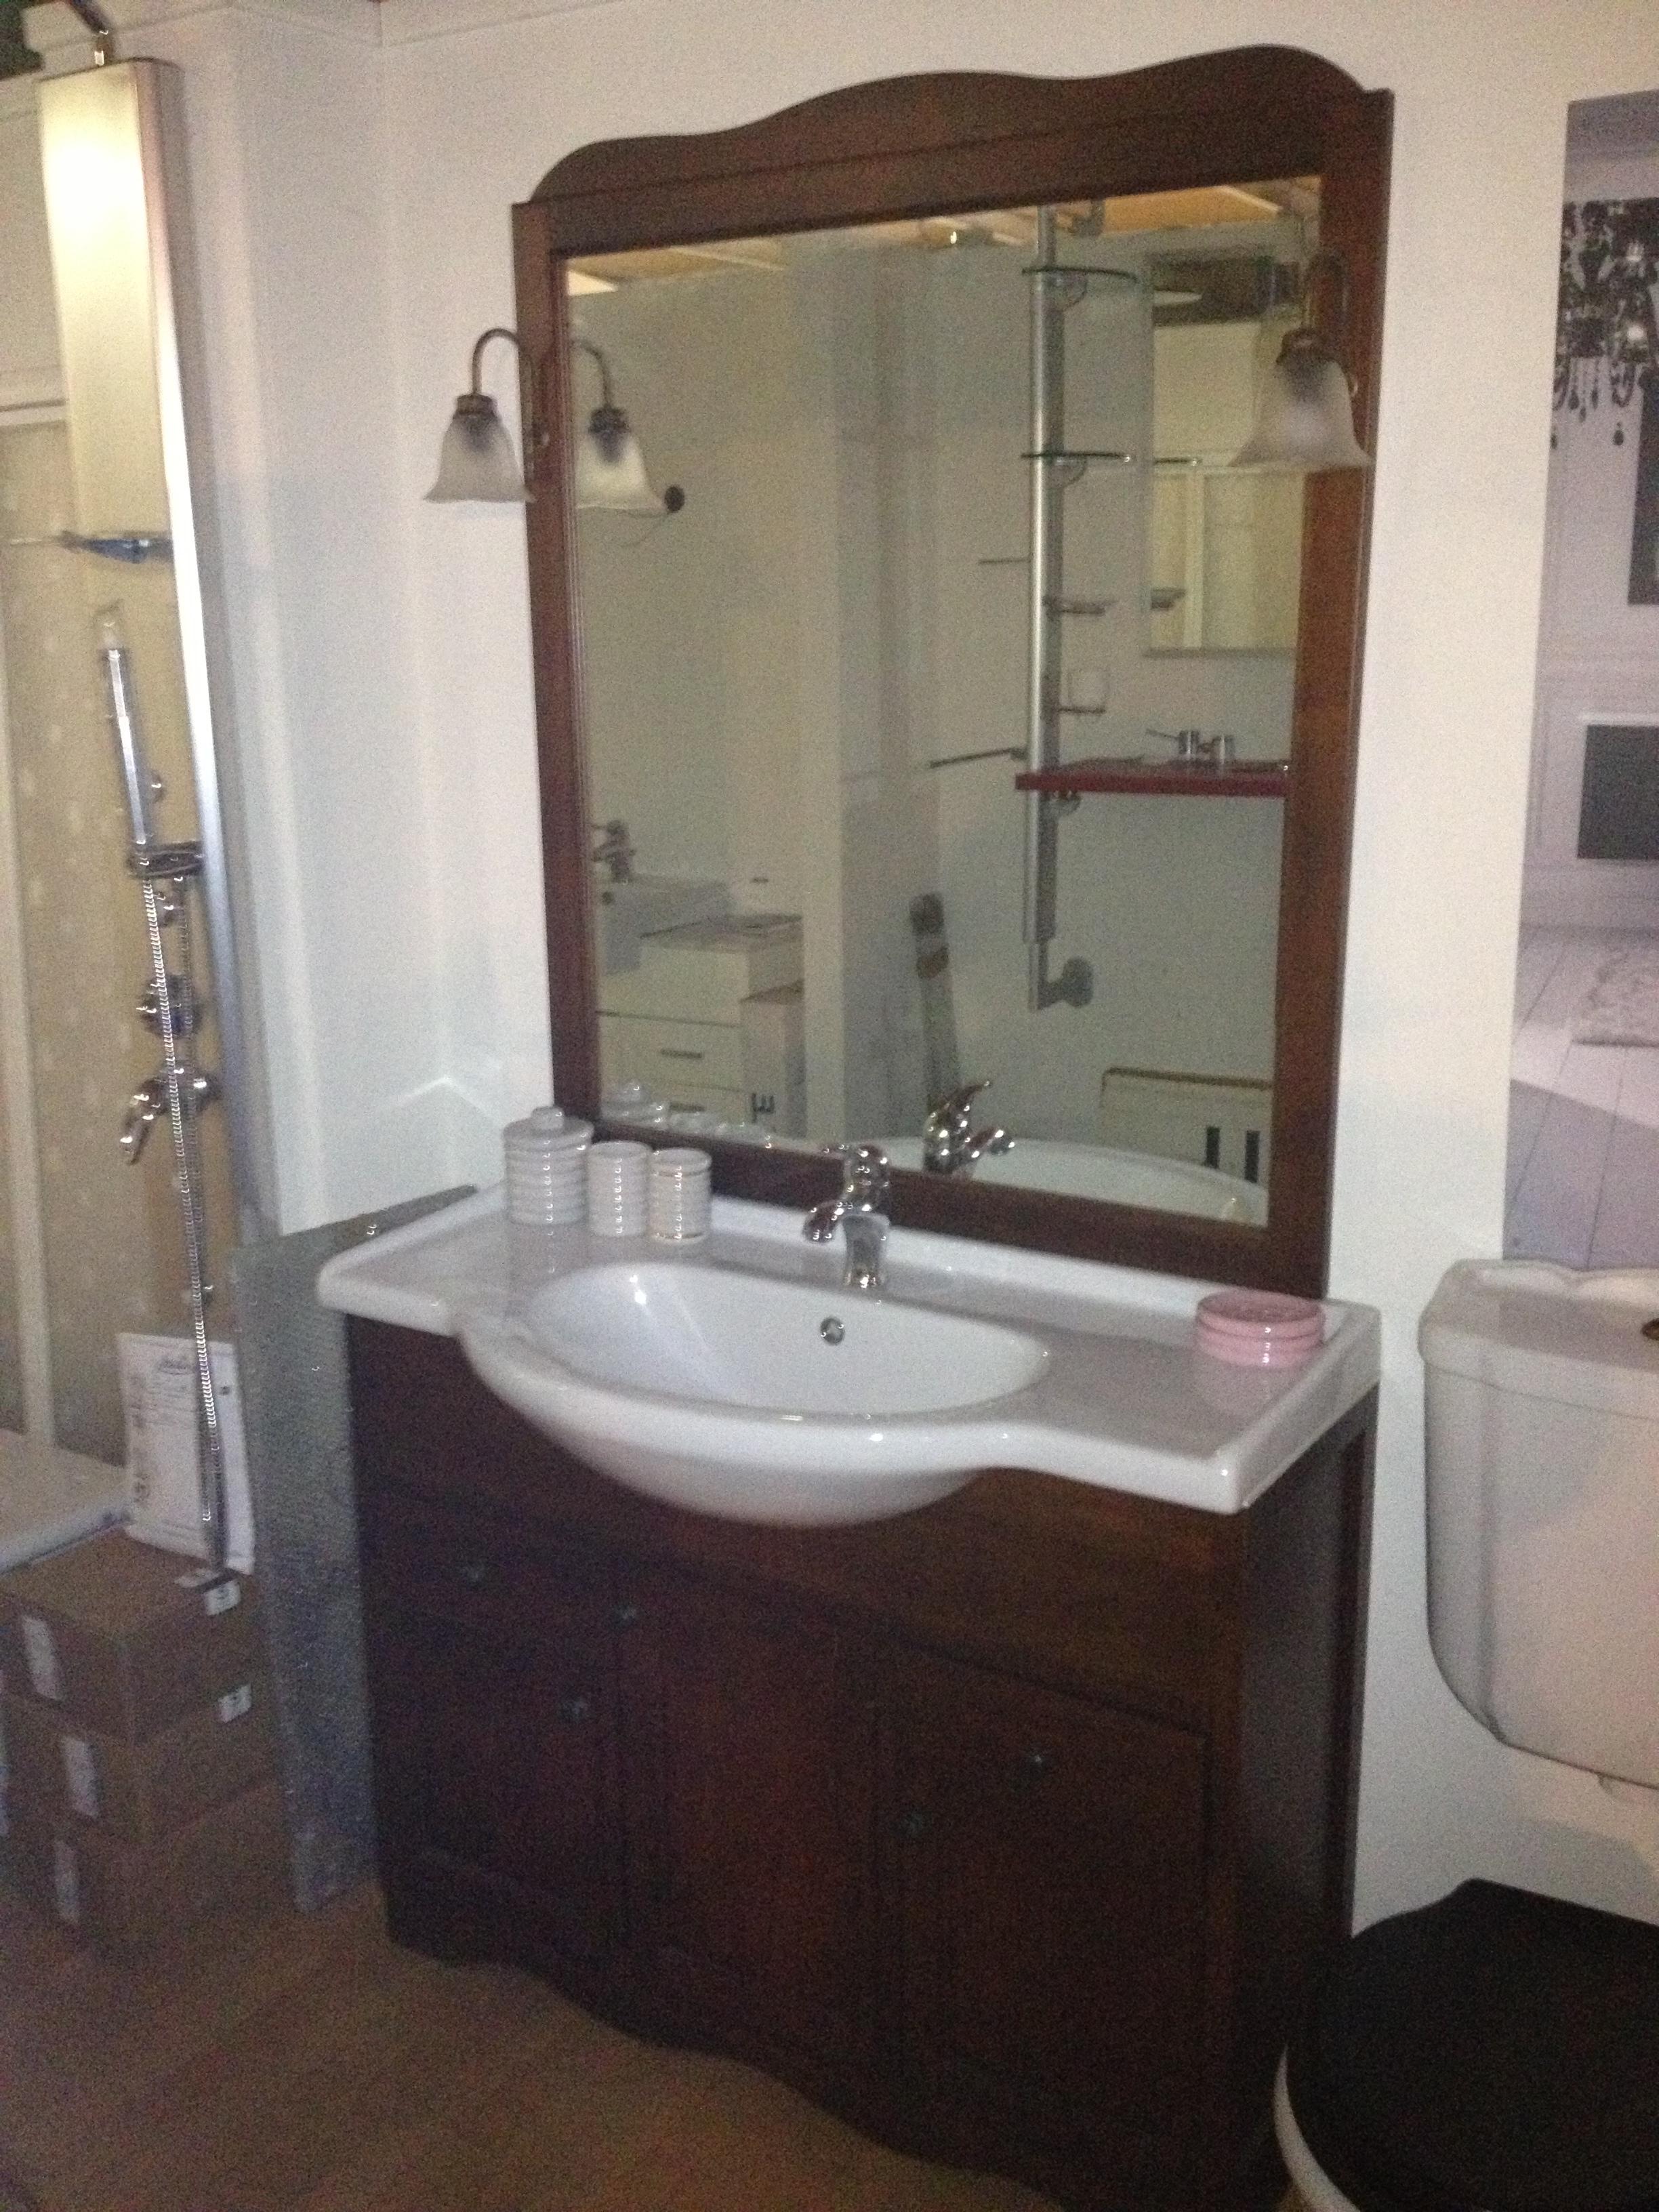 Arredo bagno classico moderno : mobili bagno classico moderno ...